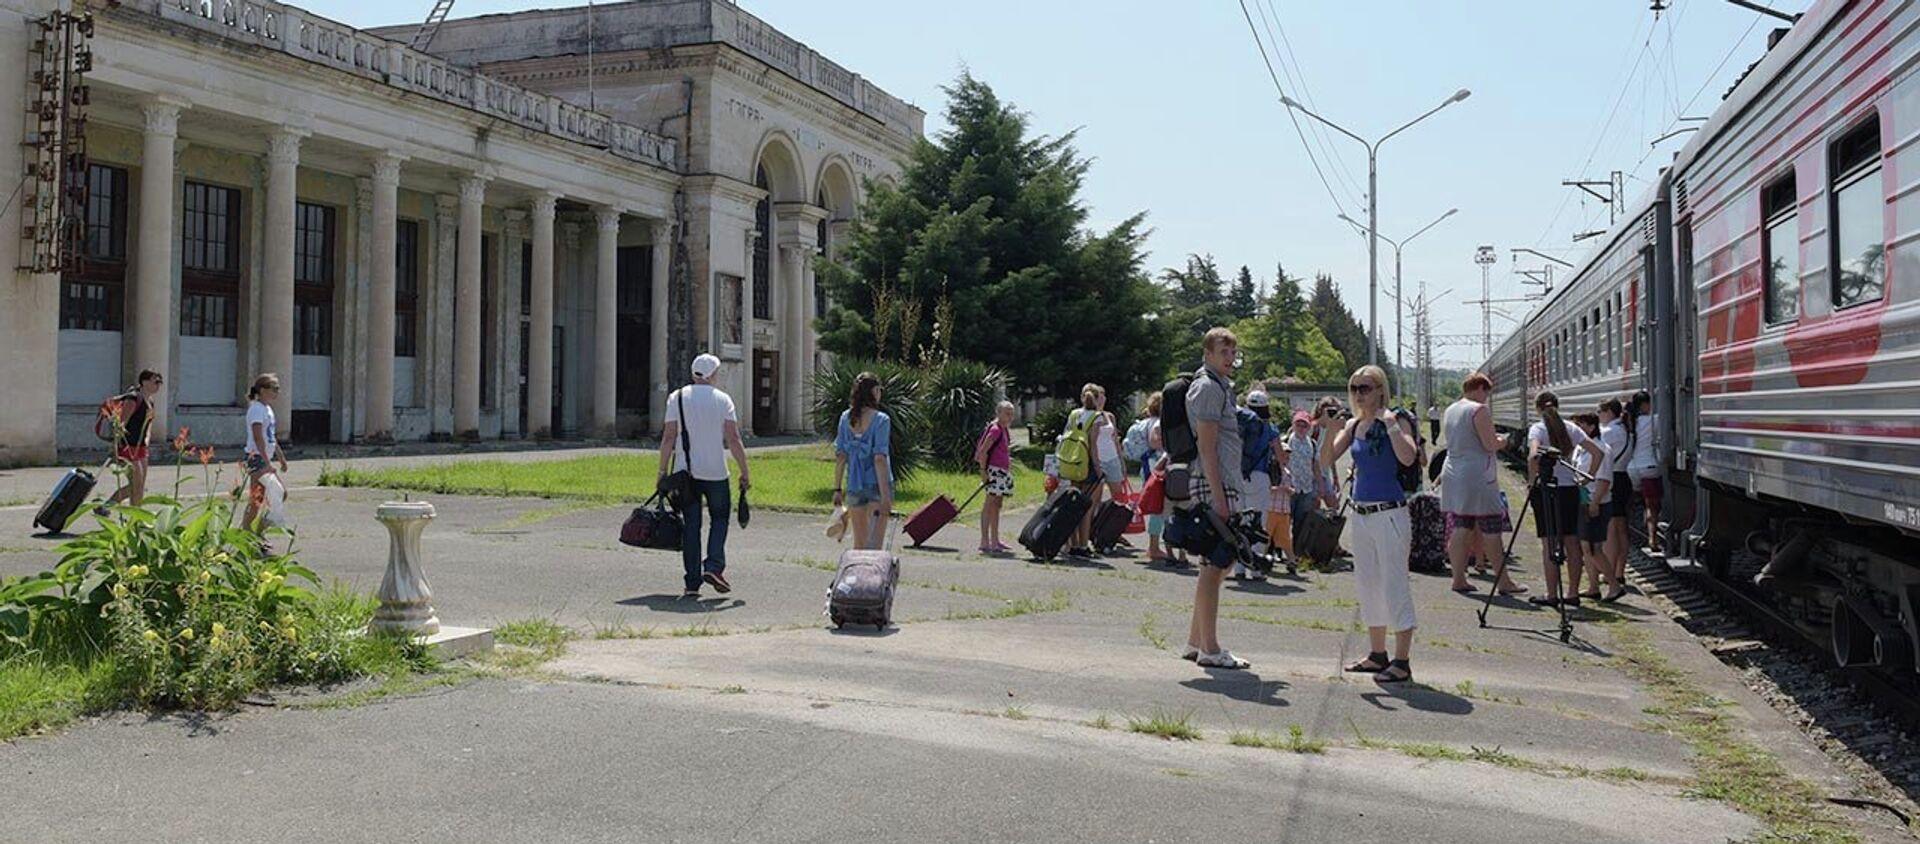 Первые пассажиры высоко оценили преимущества ж/д рейса Адлер–Гагра. - Sputnik Абхазия, 1920, 31.05.2021